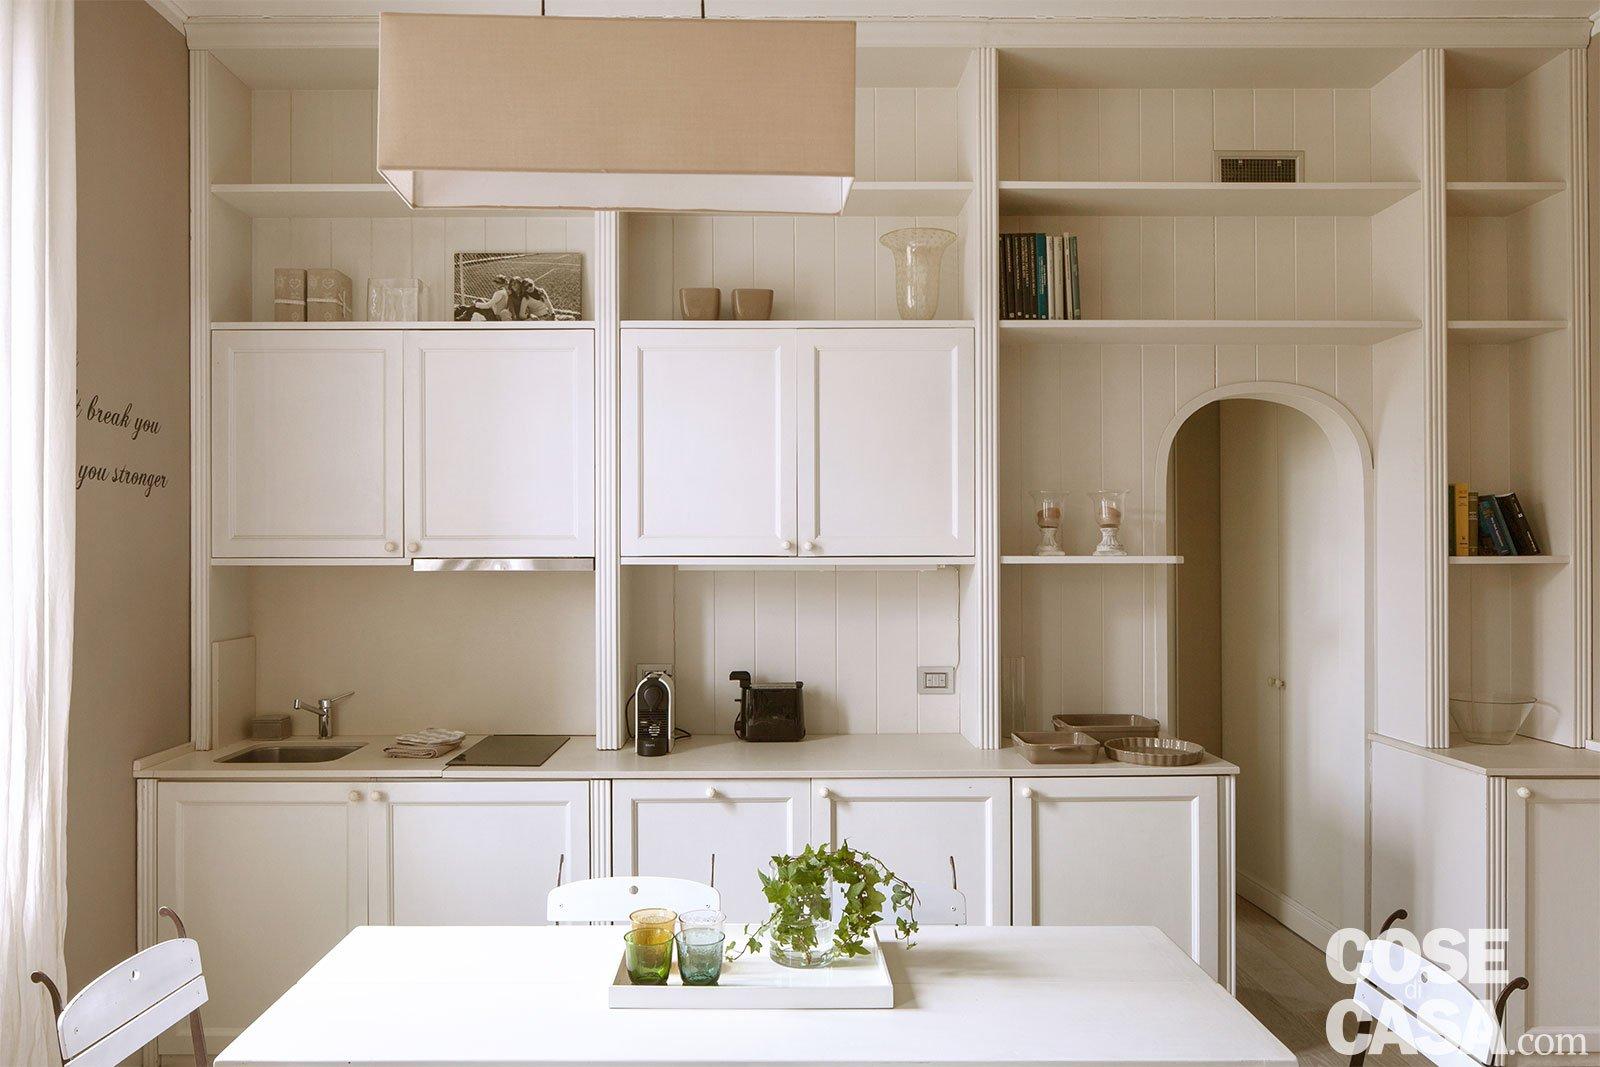 Bilocale di 43 mq: mini spazi ben sfruttati nella casa con tanta